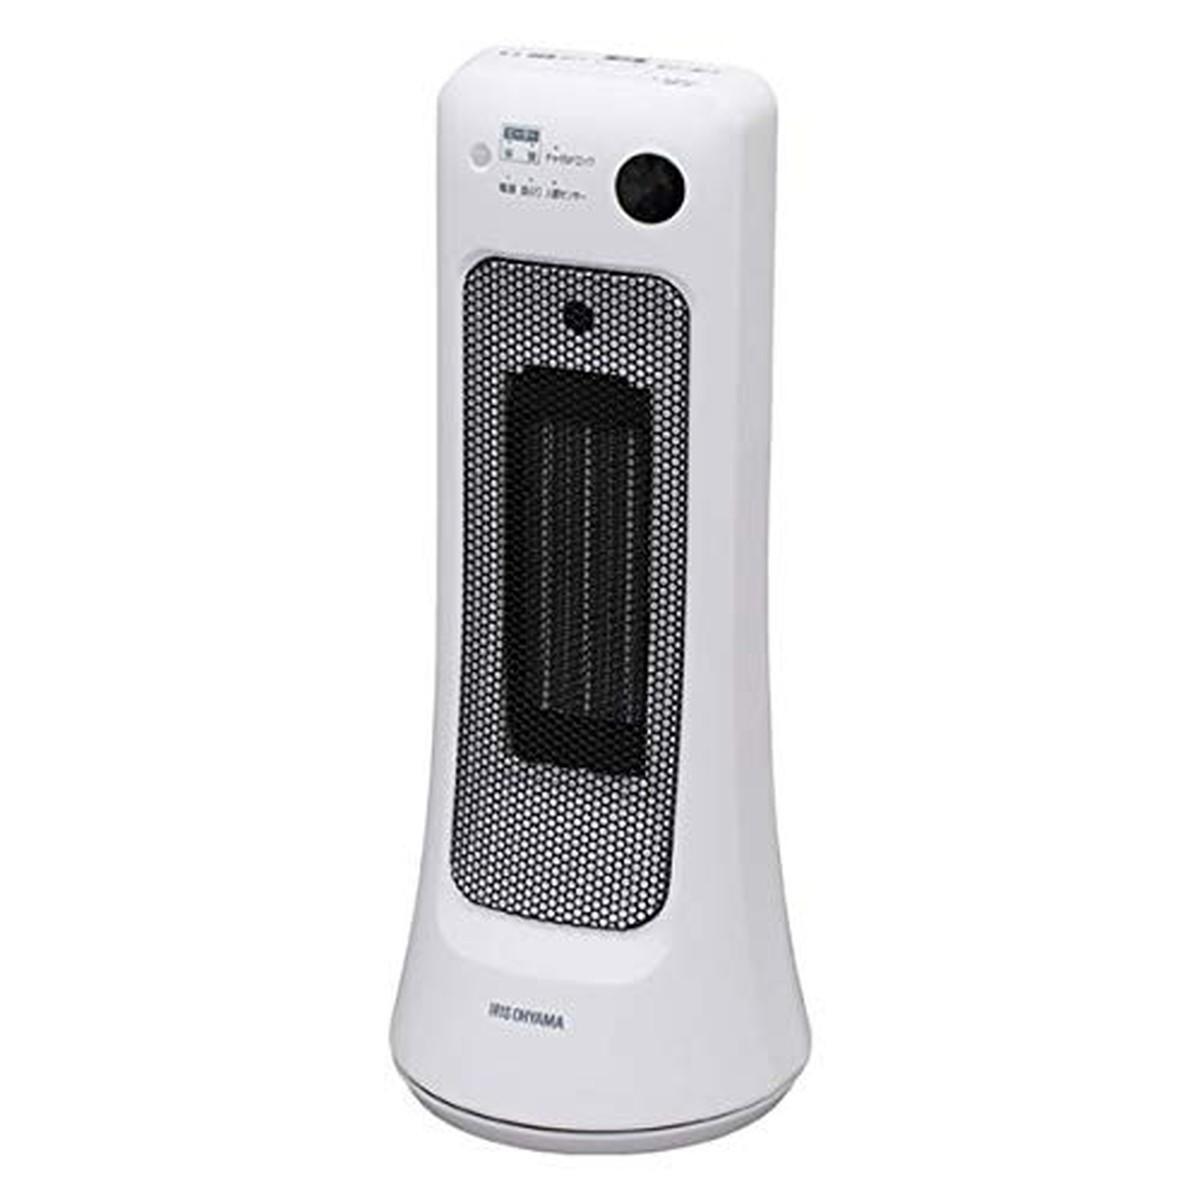 アイリスオーヤマ セラミックヒーター 首振り室温センサー ホワイト JCH-12ST【クーポン配布中】